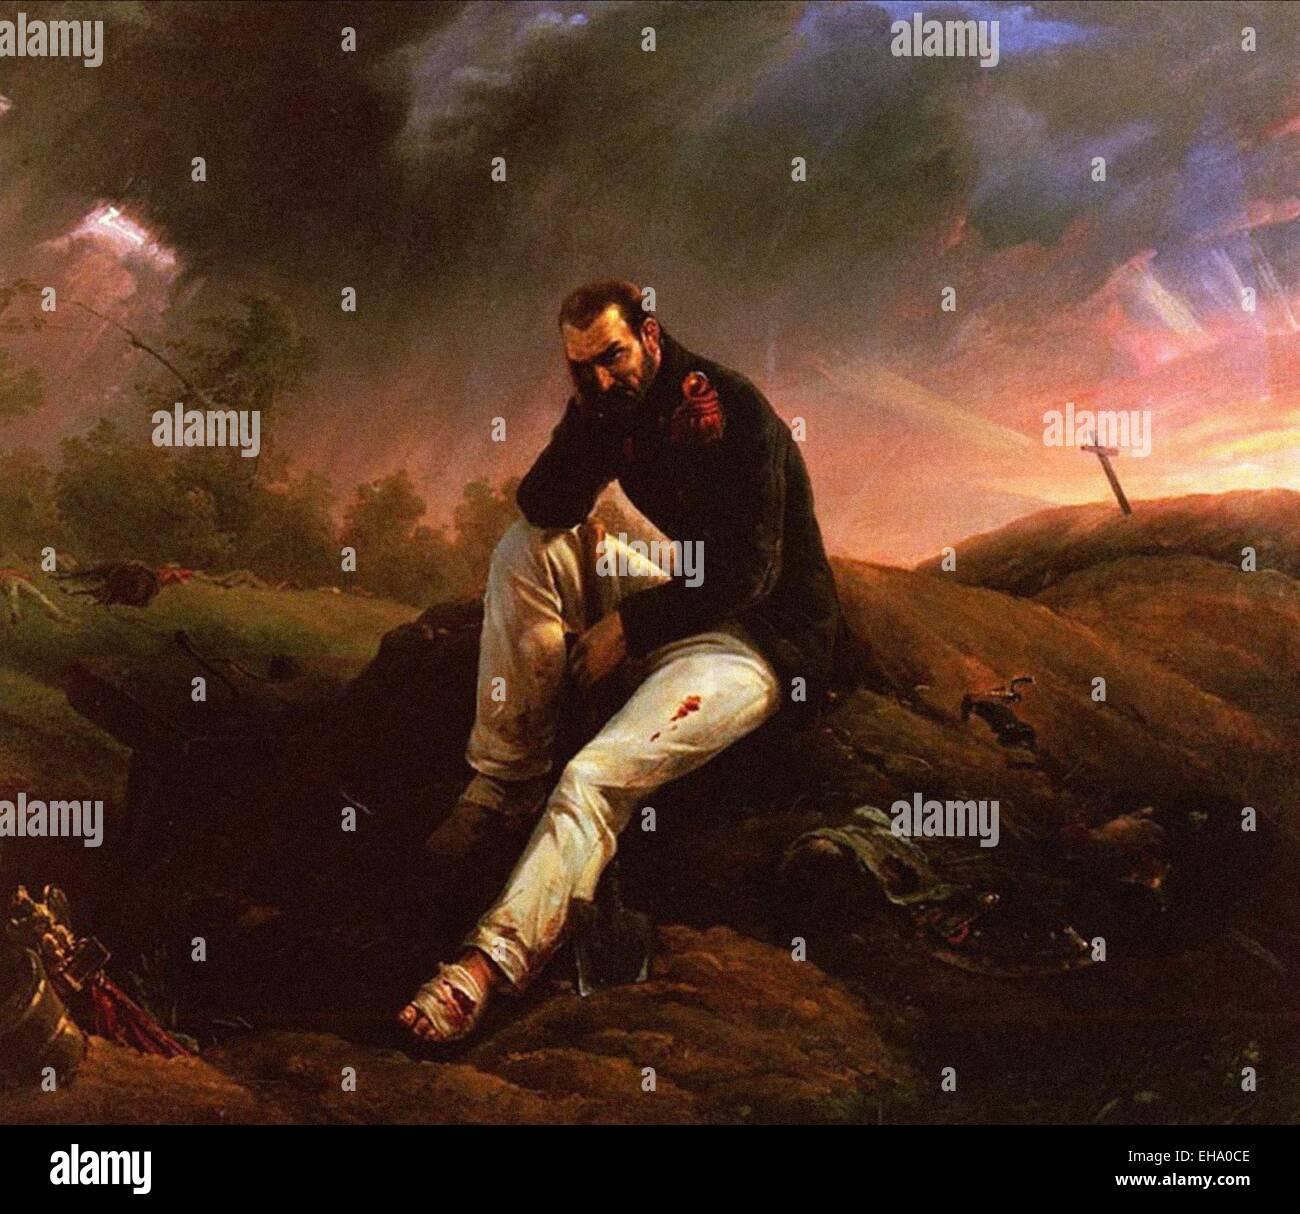 Horace Vernet  The Last Grenadier of Waterloo - Stock Image